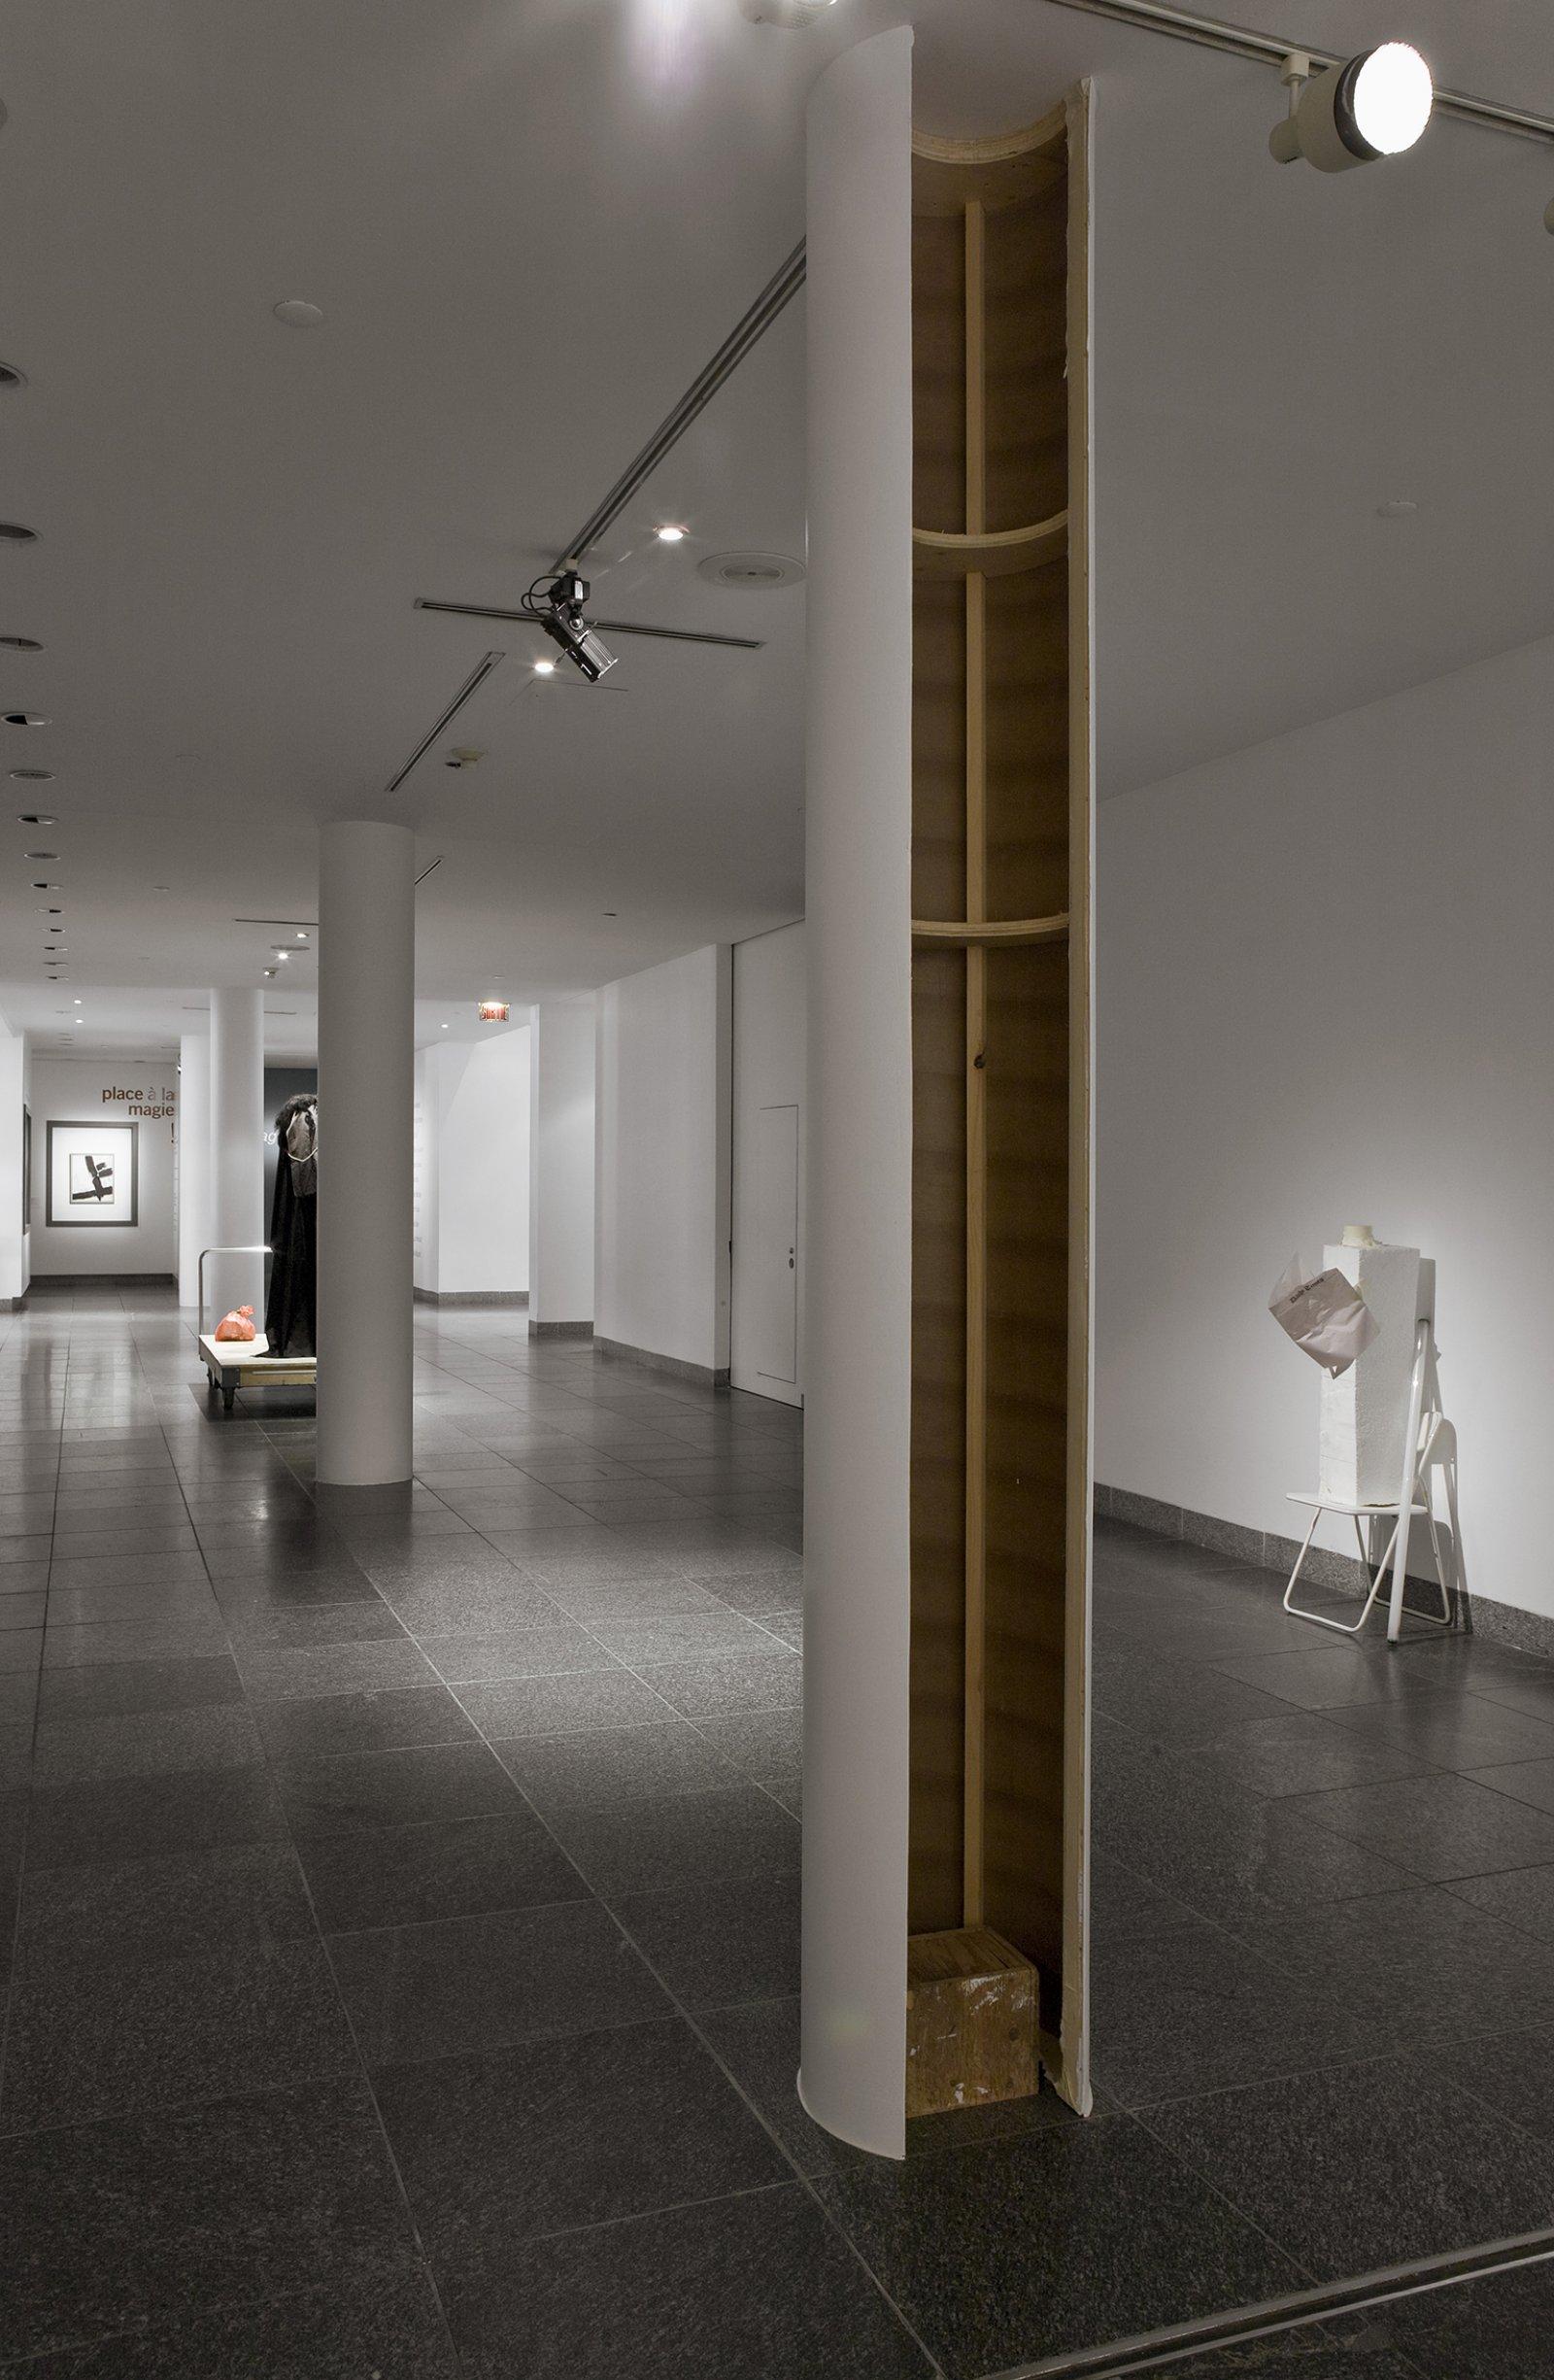 Geoffrey Farmer, Ghost Face, 2008, cardboard form, wood, cotton, glue, eyes cut out of post, standing shelf, 157 x 20 x 20 in. (398 x 50 x 50 cm) by Geoffrey Farmer